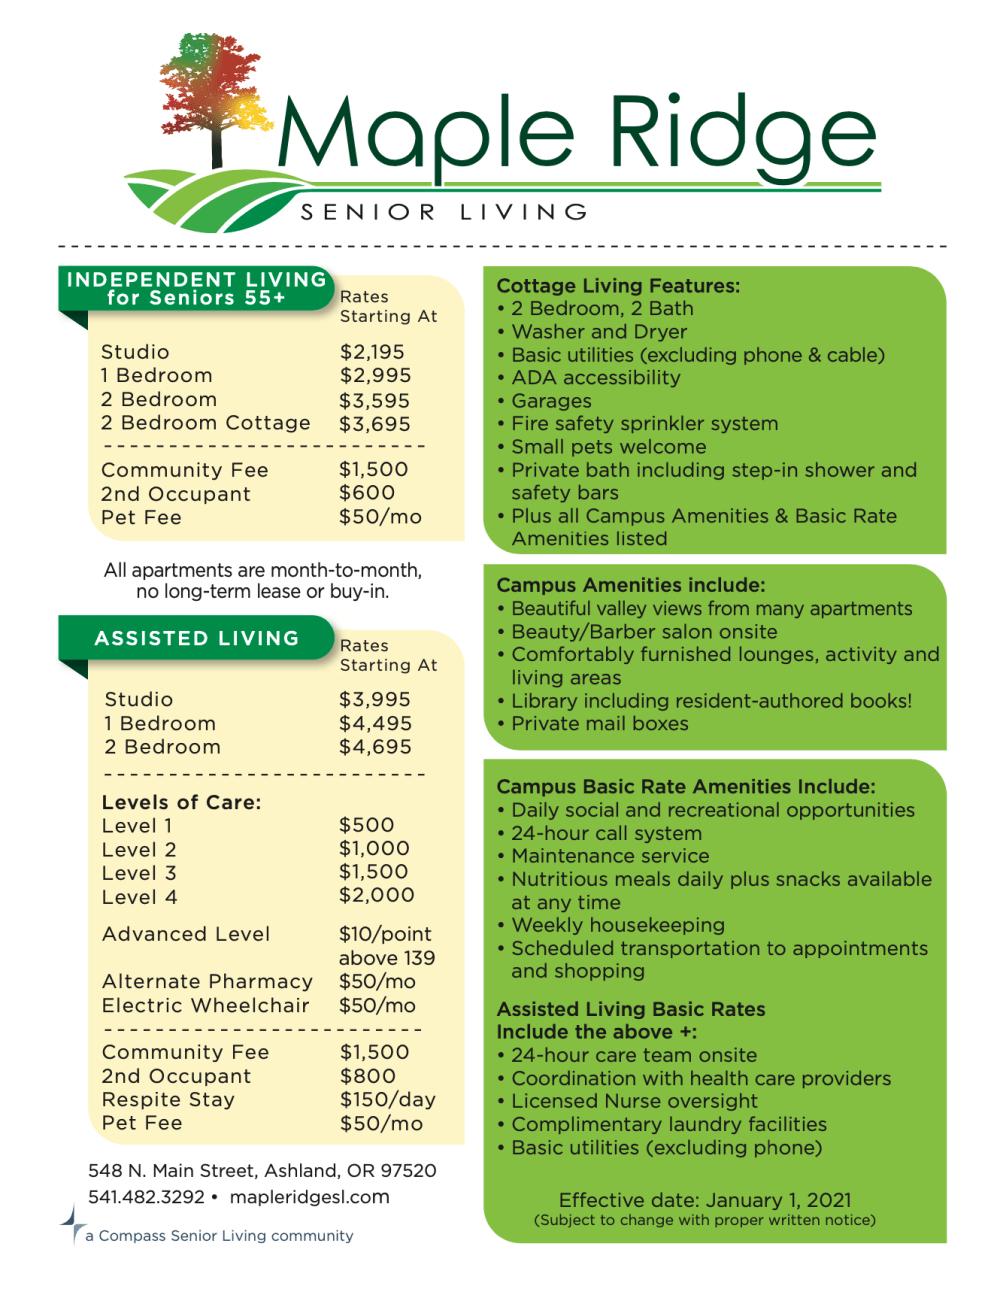 Maple Ridge Senior Living rates